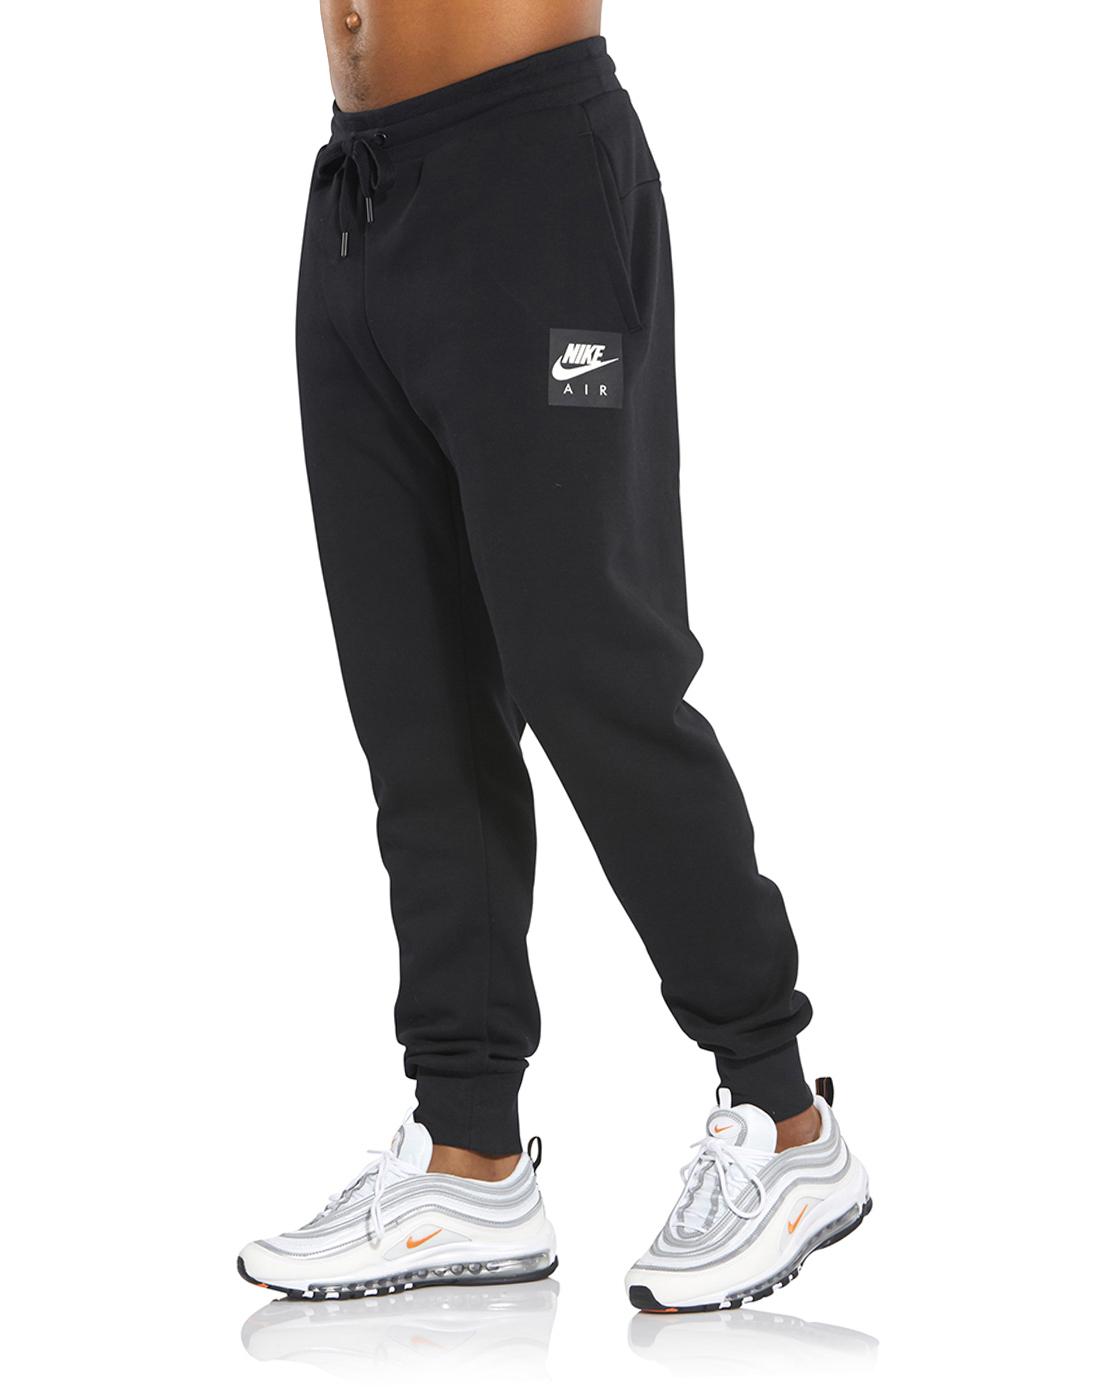 7679e11695 Men's Black Nike Air Joggers   Life Style Sports